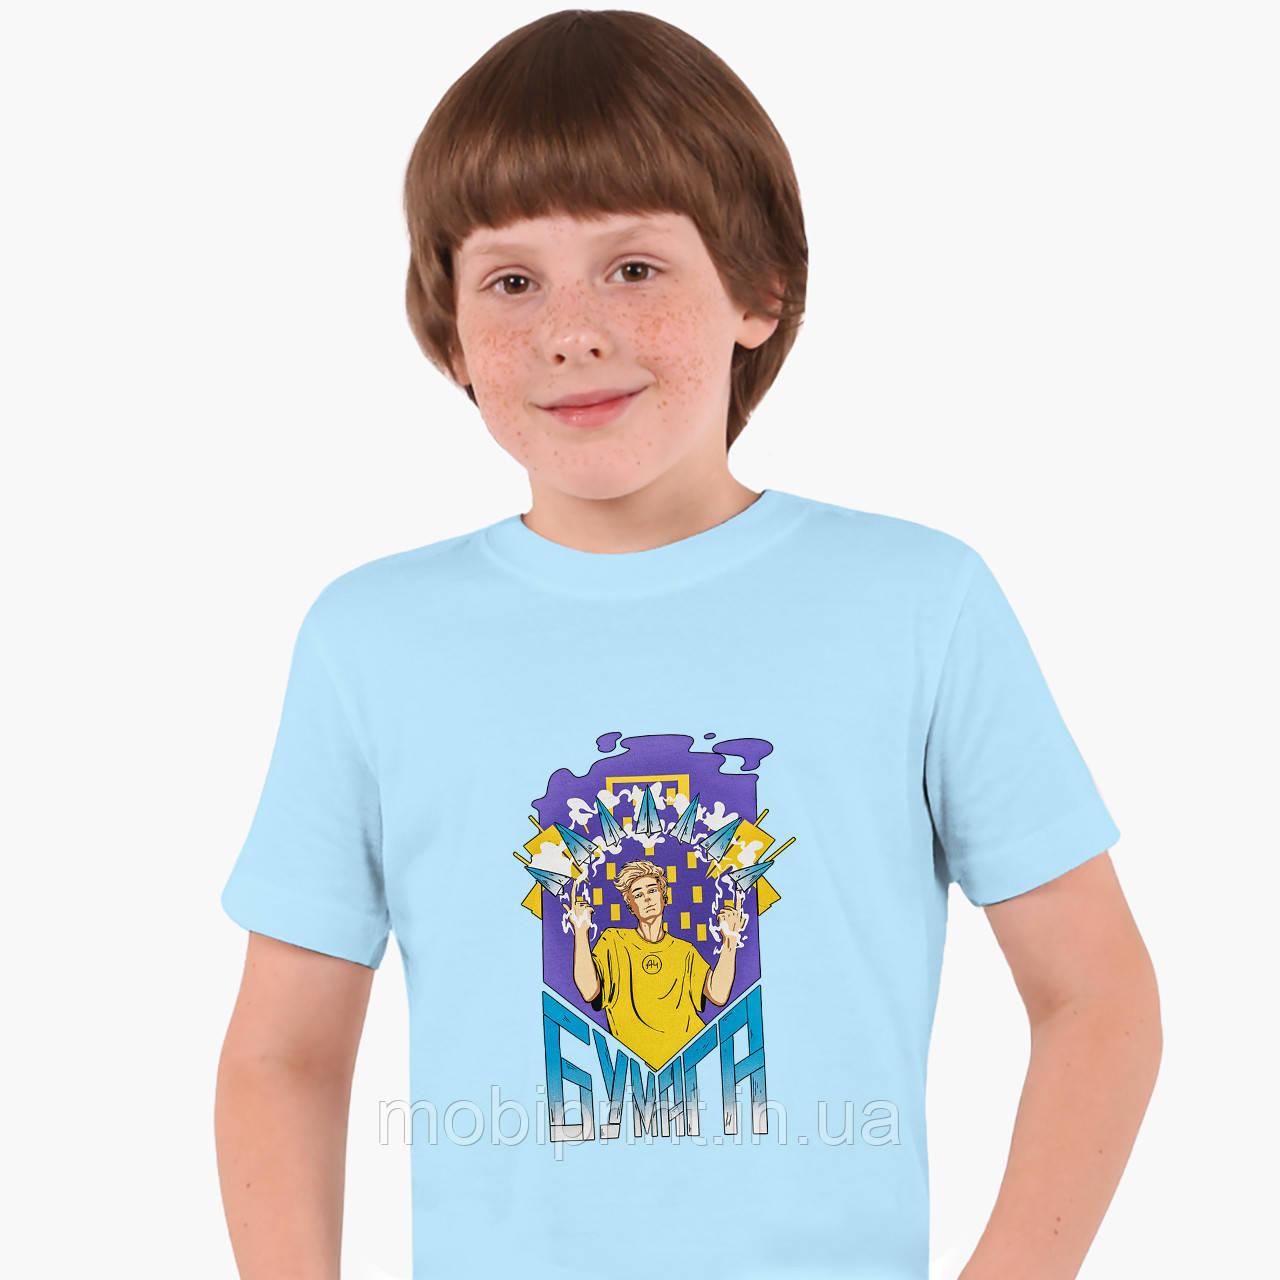 Дитяча футболка для хлопчиків блогер Влад Папір А4 (blogger Vlad A4) (25186-2617) Блакитний